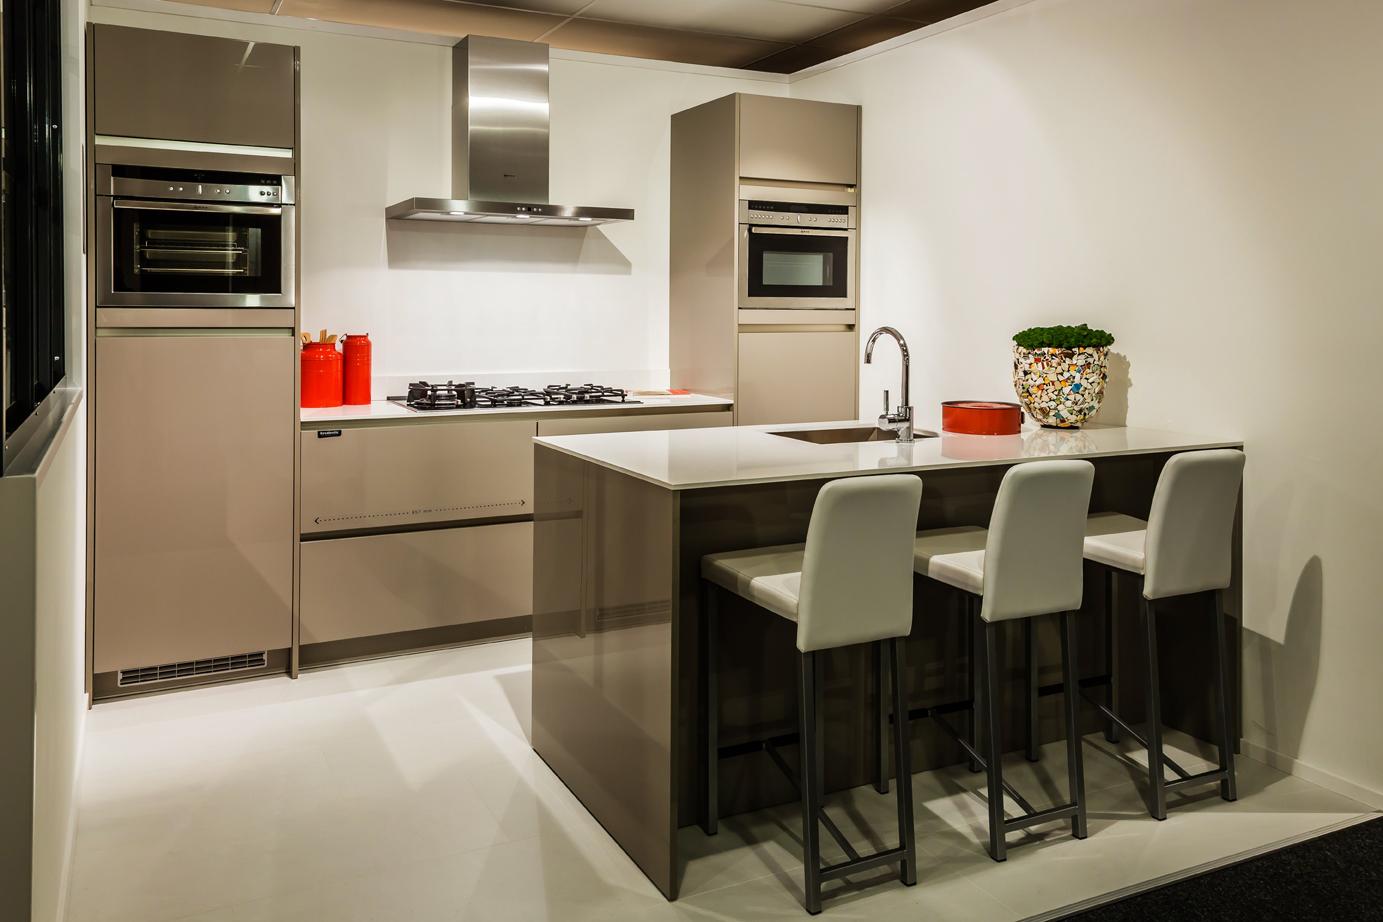 Keuken Zonder Apparatuur : Design keuken met luxe apparatuur DB Keukens